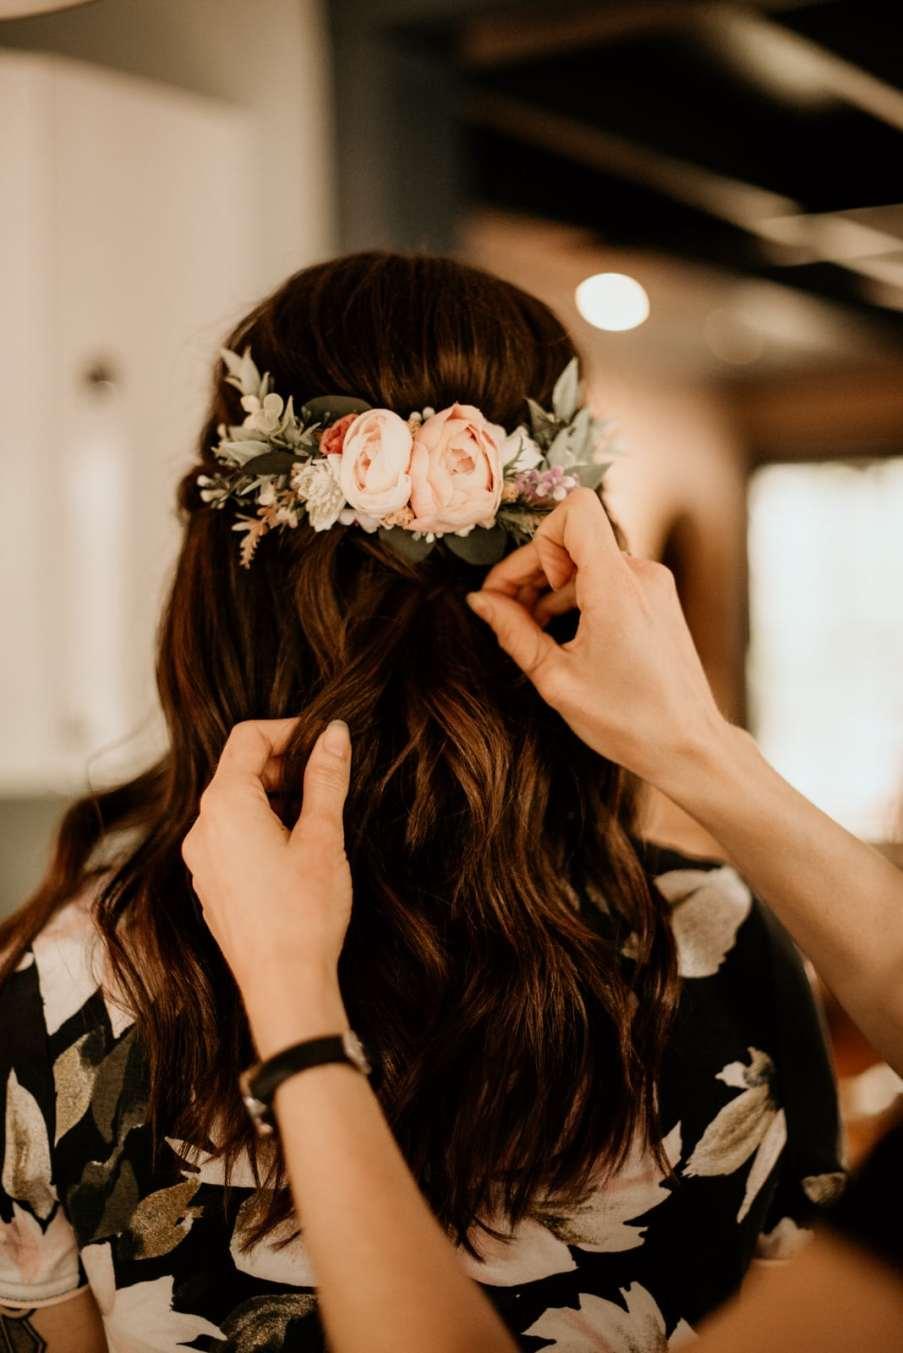 Bridal Hair Getting Ready Photos Wedding Day